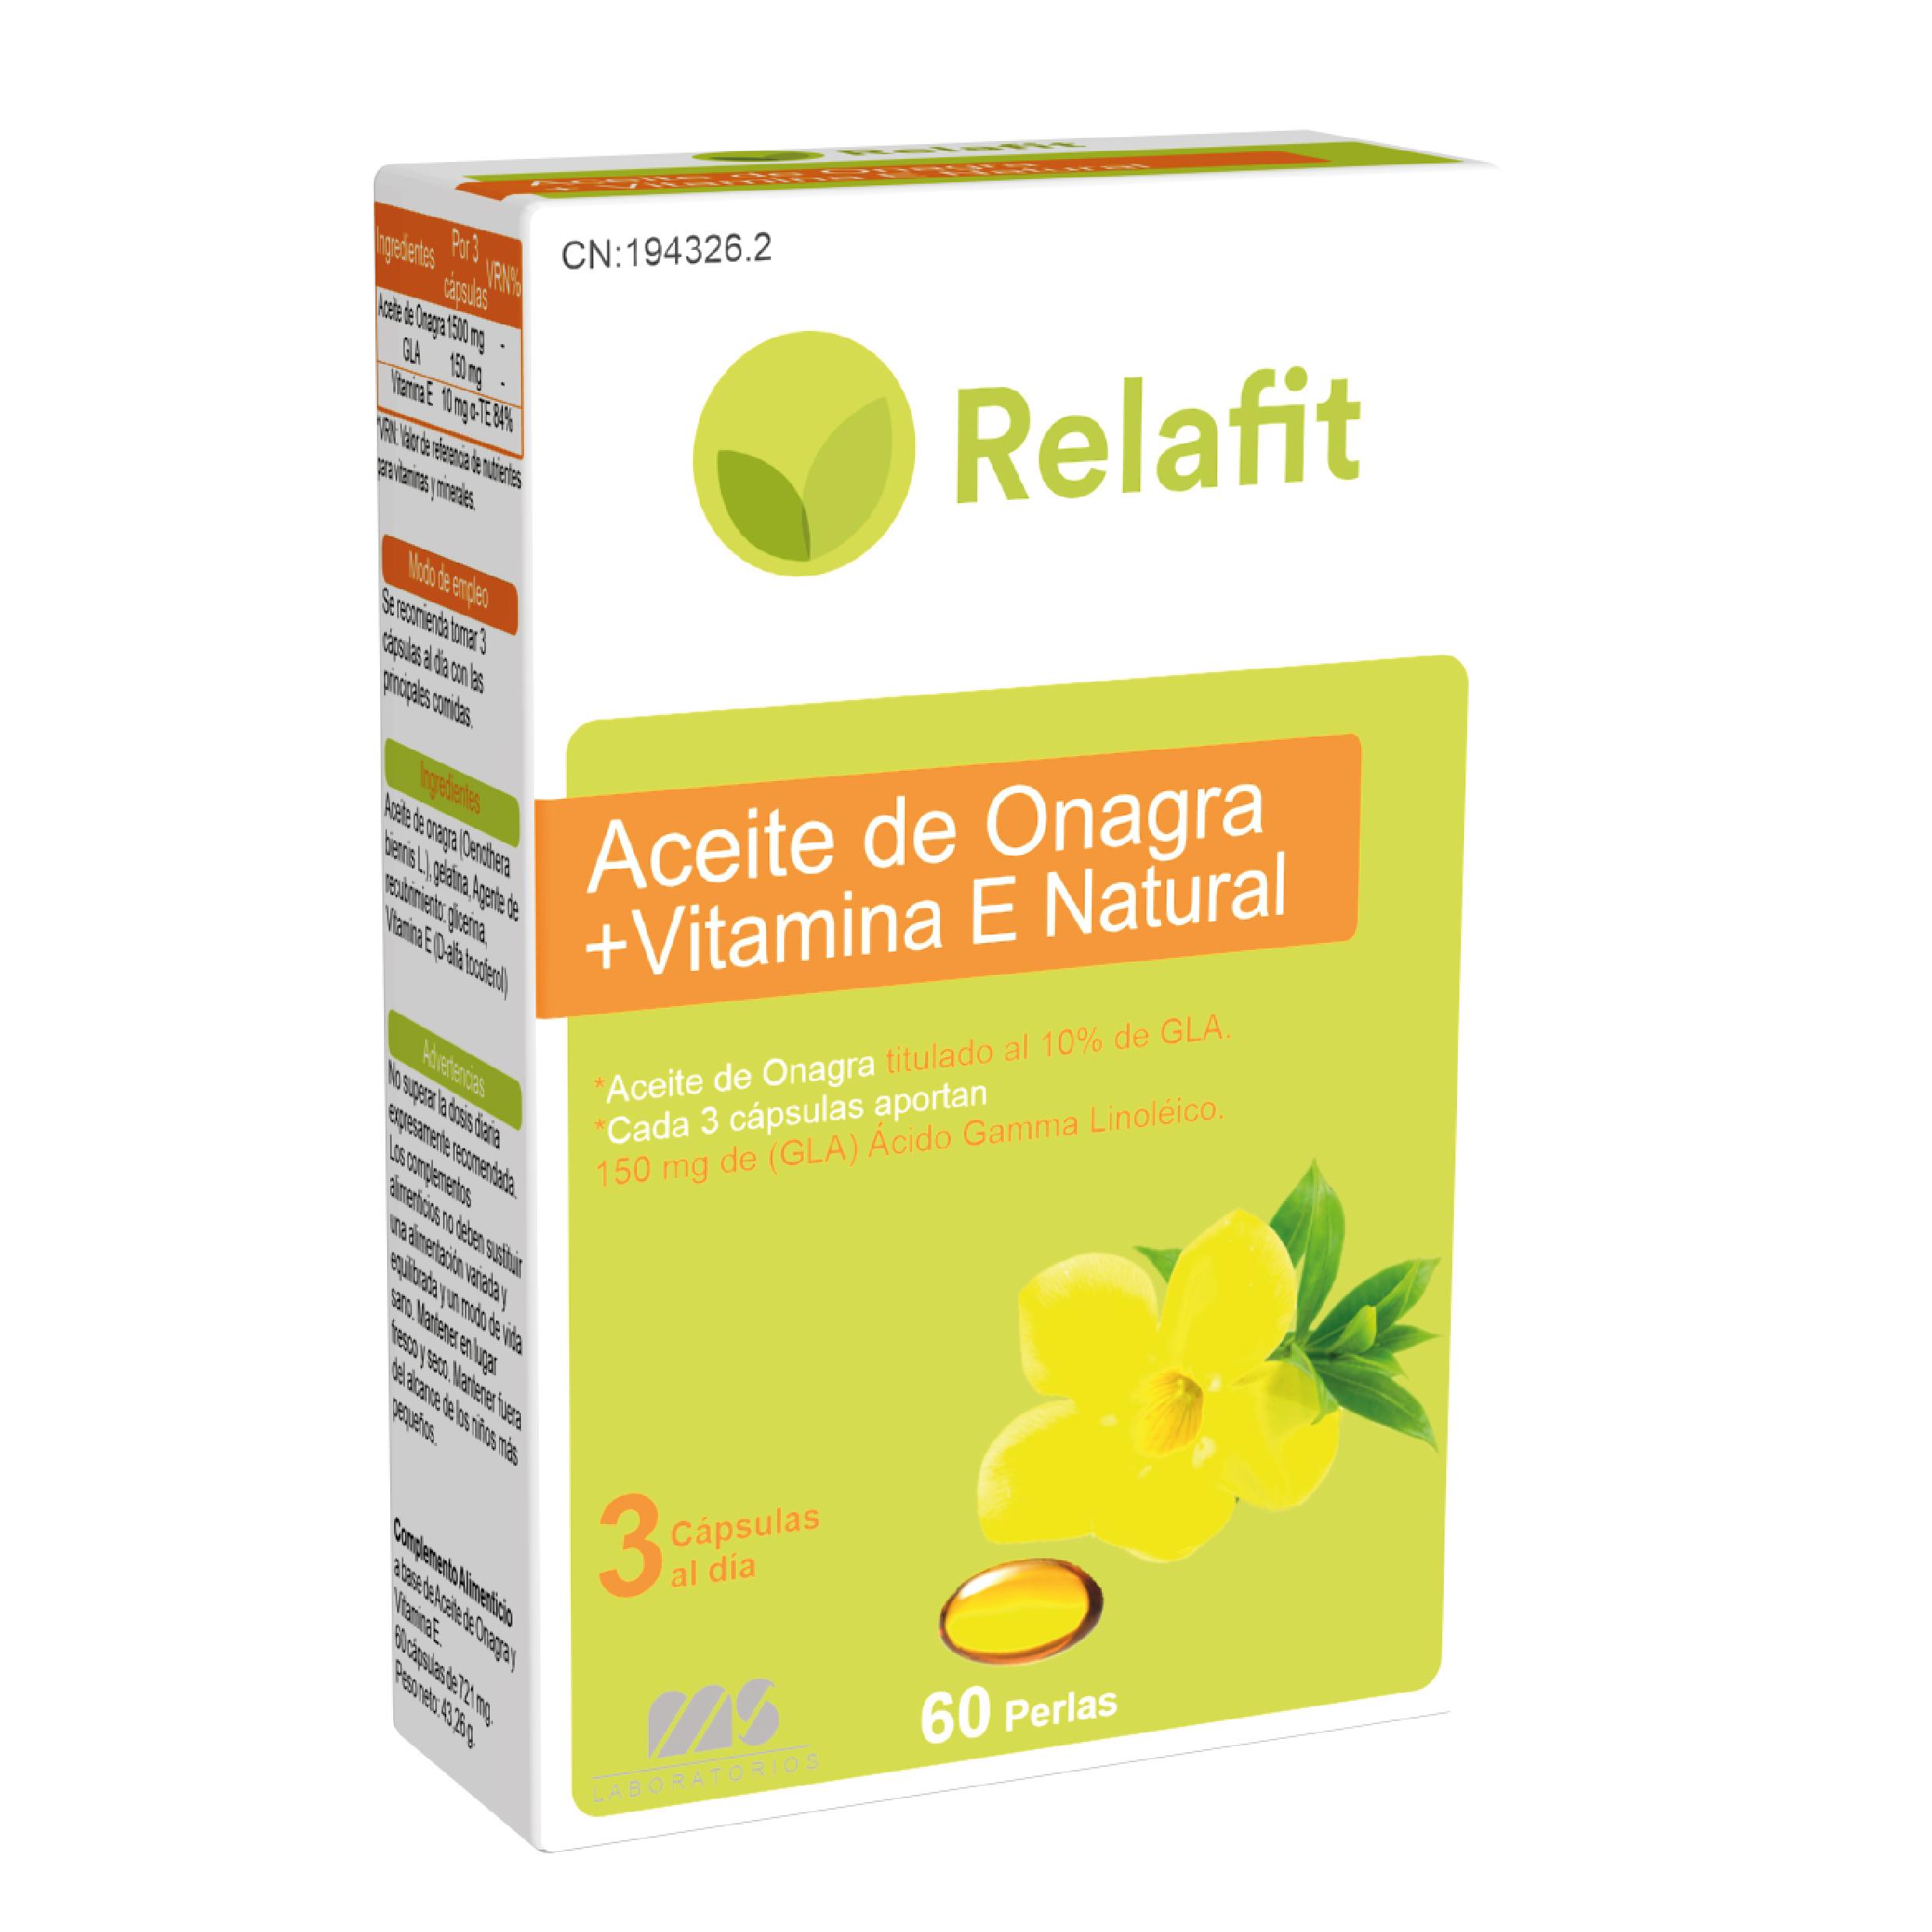 aceite-de-onagra-vitamina-e